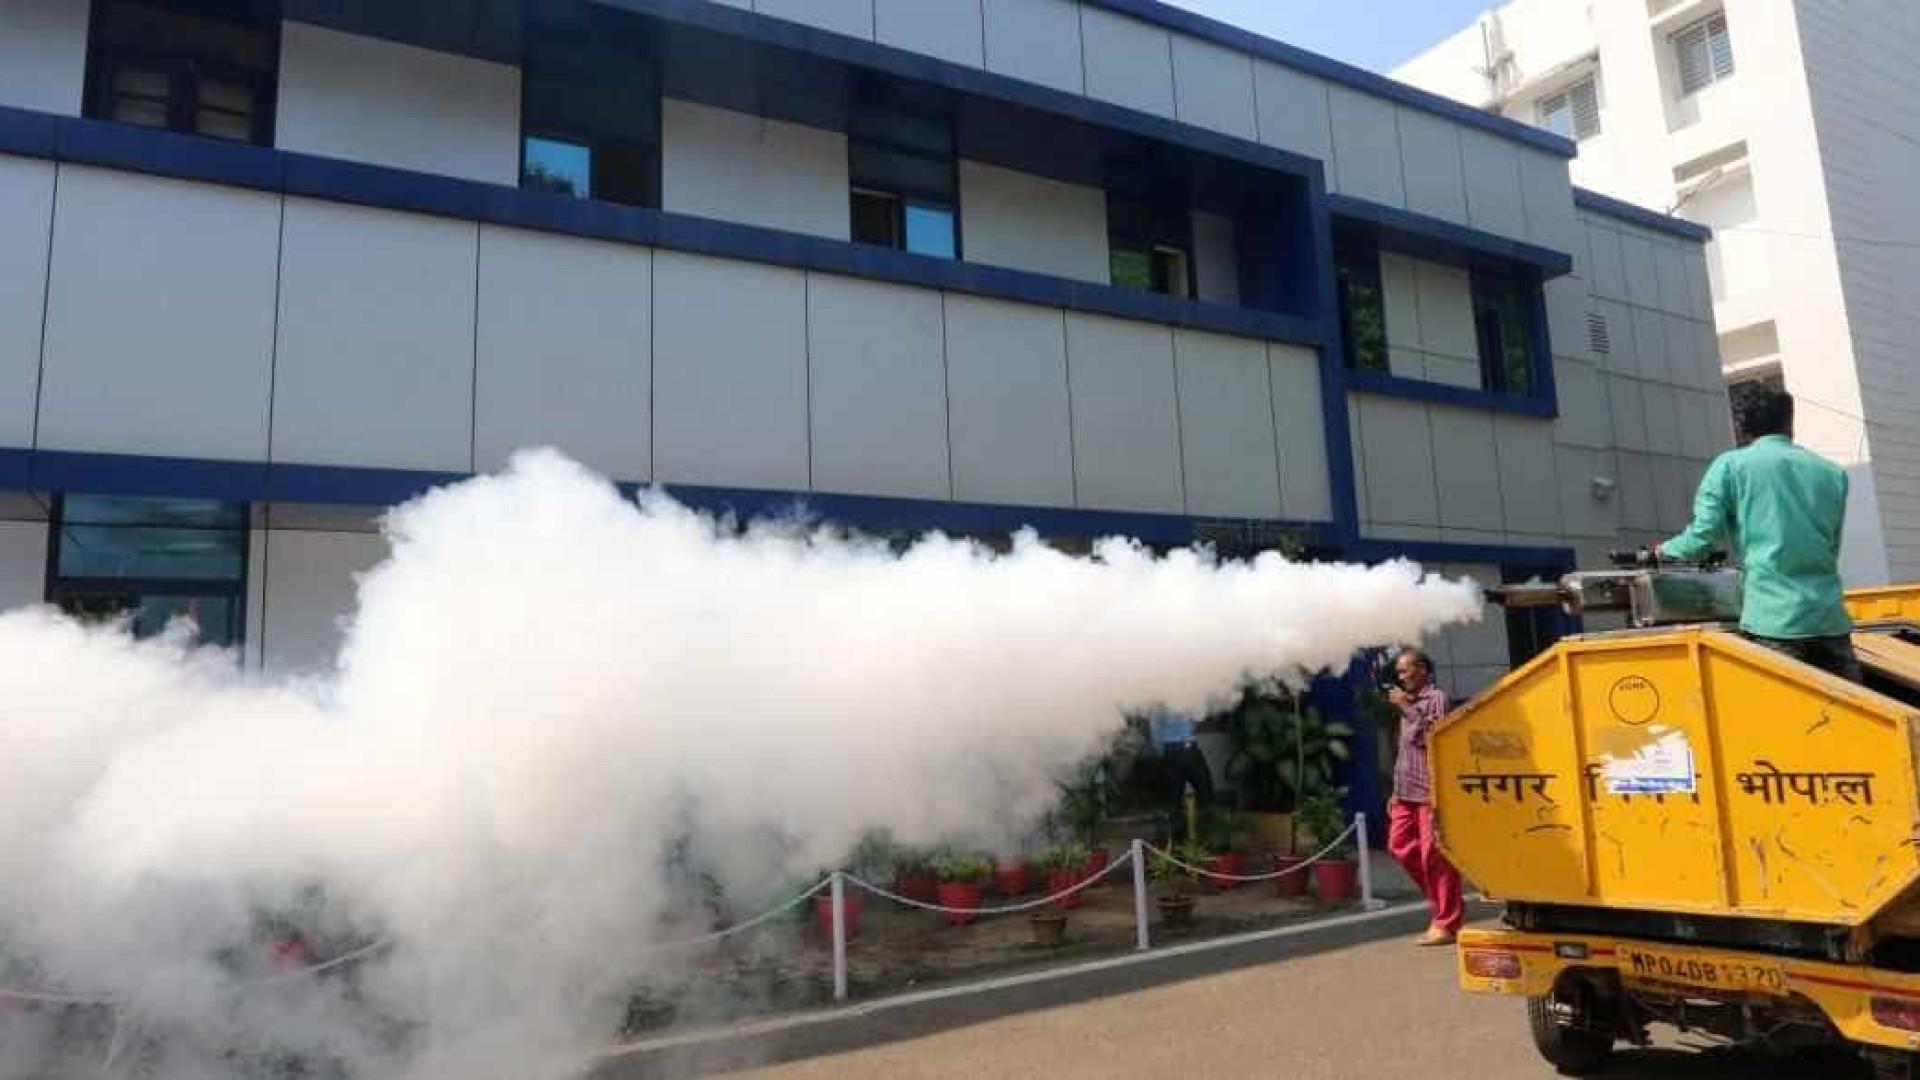 Surto de dengue deixa mais de 100 mortos em Taiwan